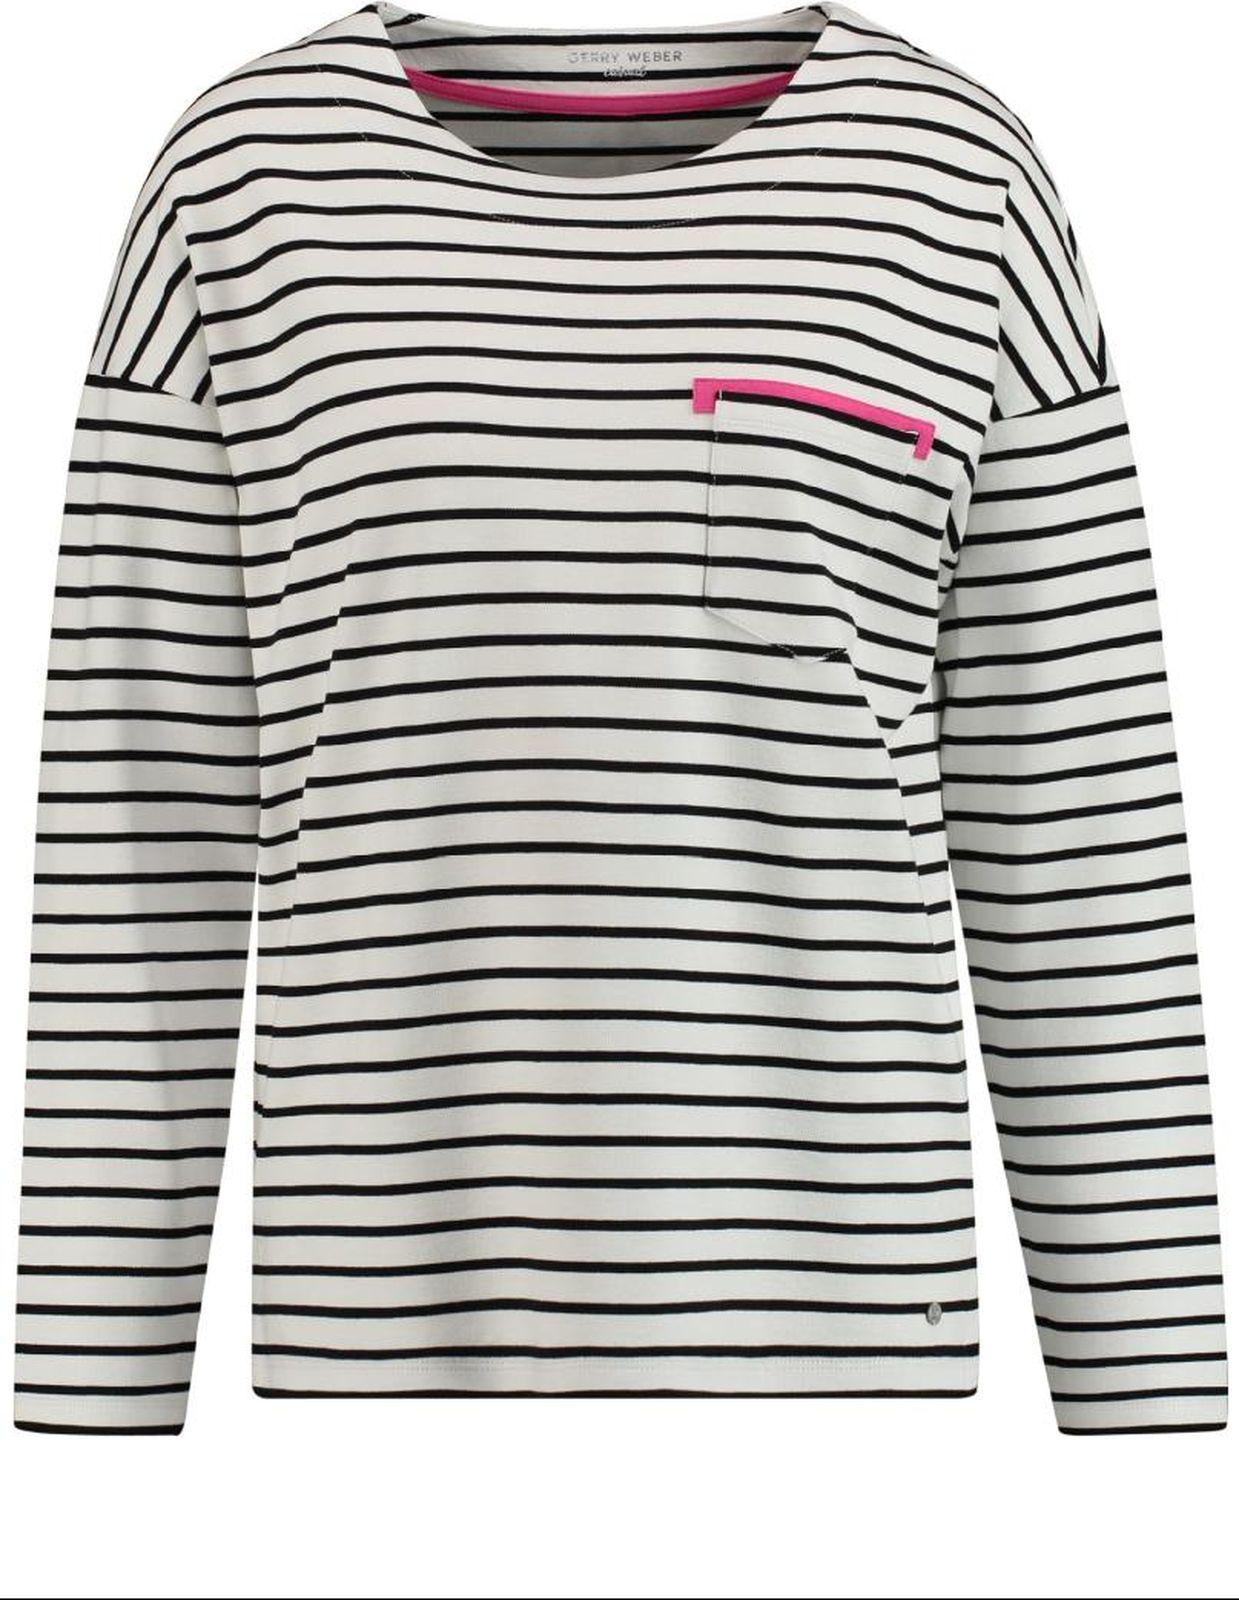 Пуловер женский Gerry Weber Casual, цвет: светло-бежевый. 2 191-870 055-44030_09013. Размер 40 (46)2 191-870 055-44030_09013